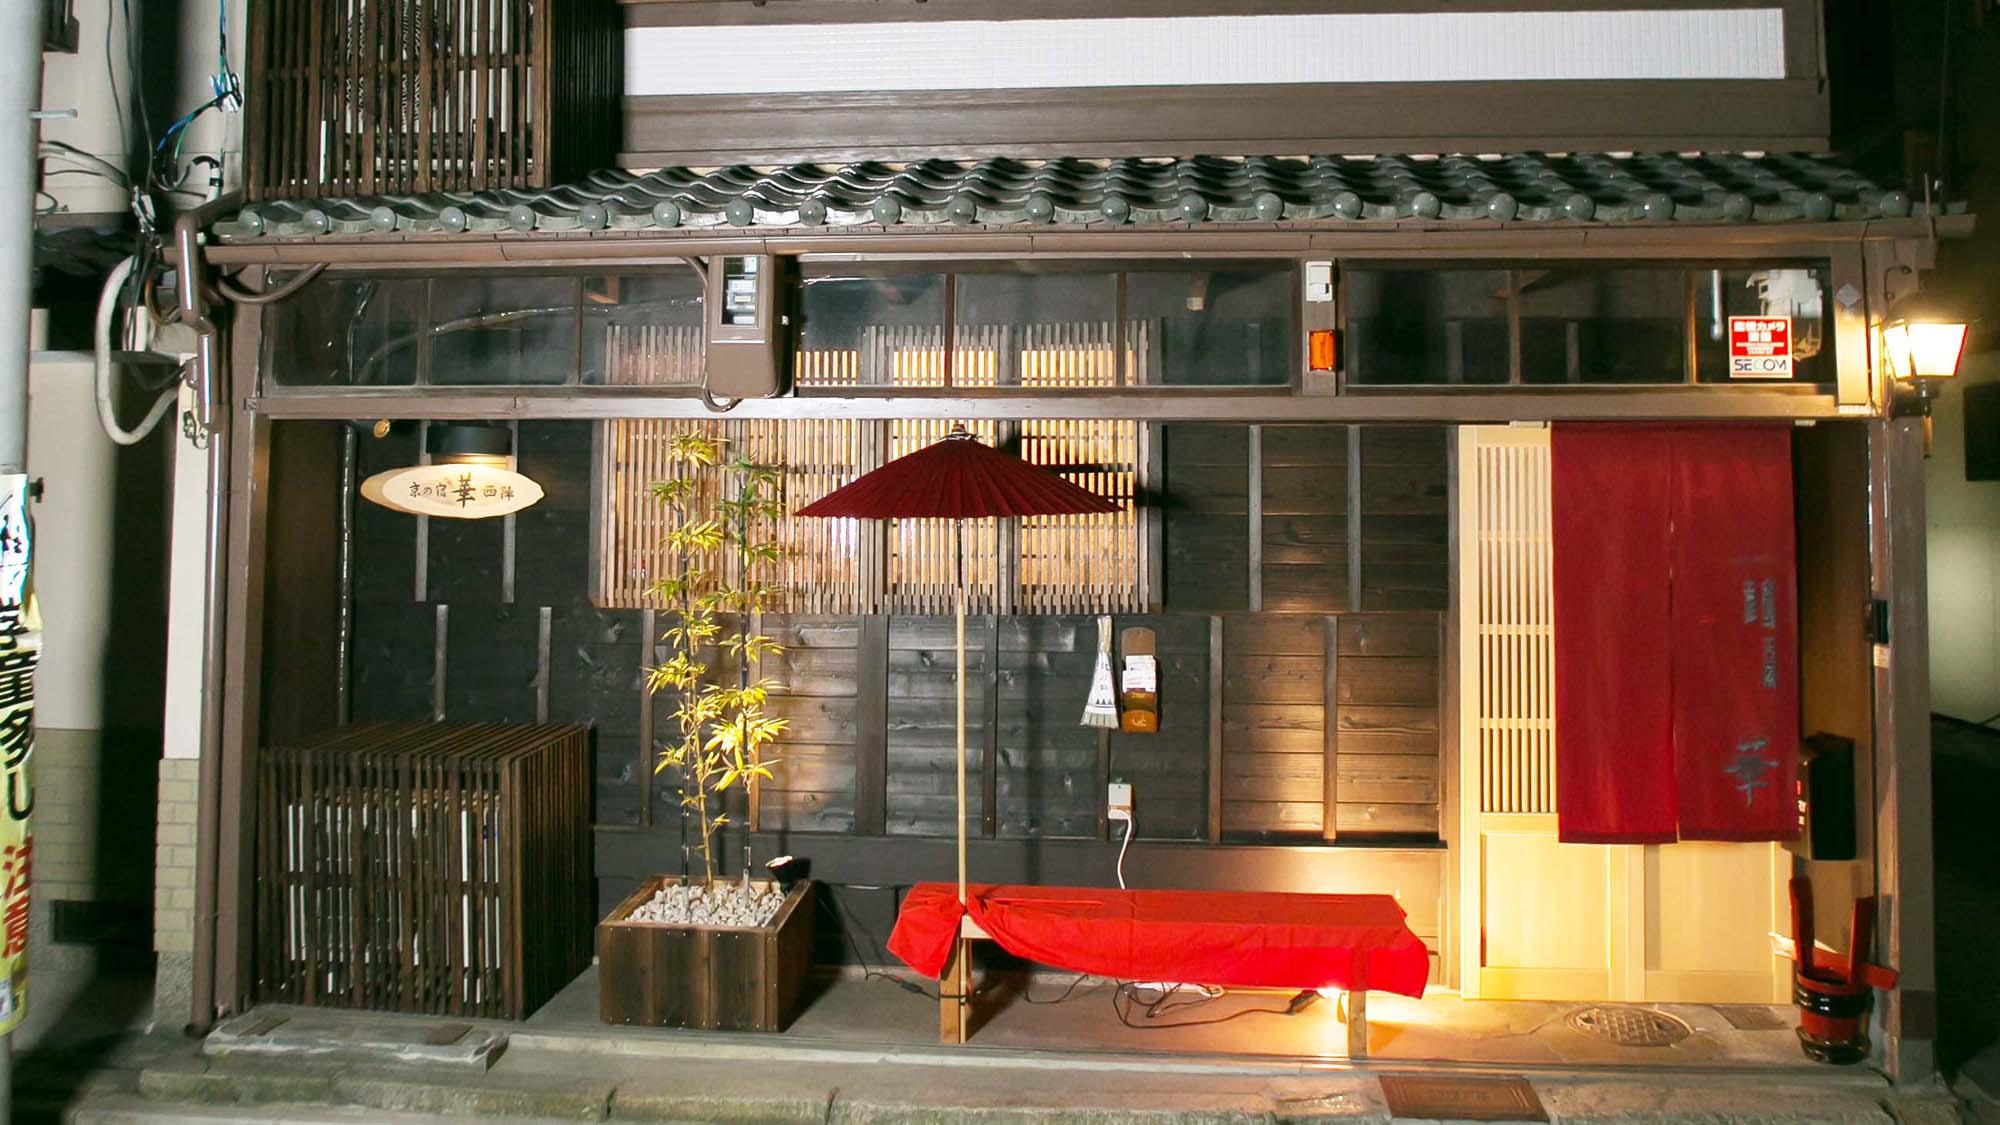 京の宿 華 西陣